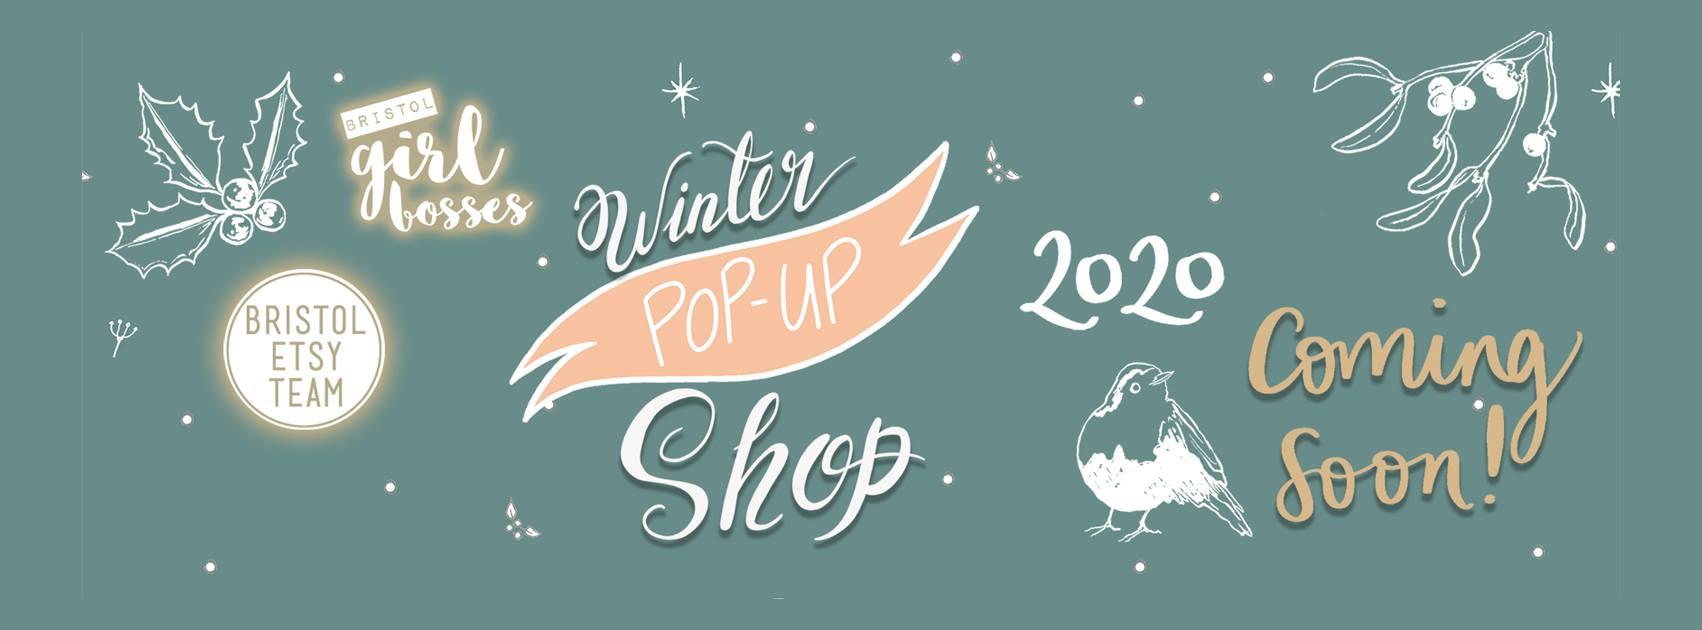 Winter Pop-up Shop 2020